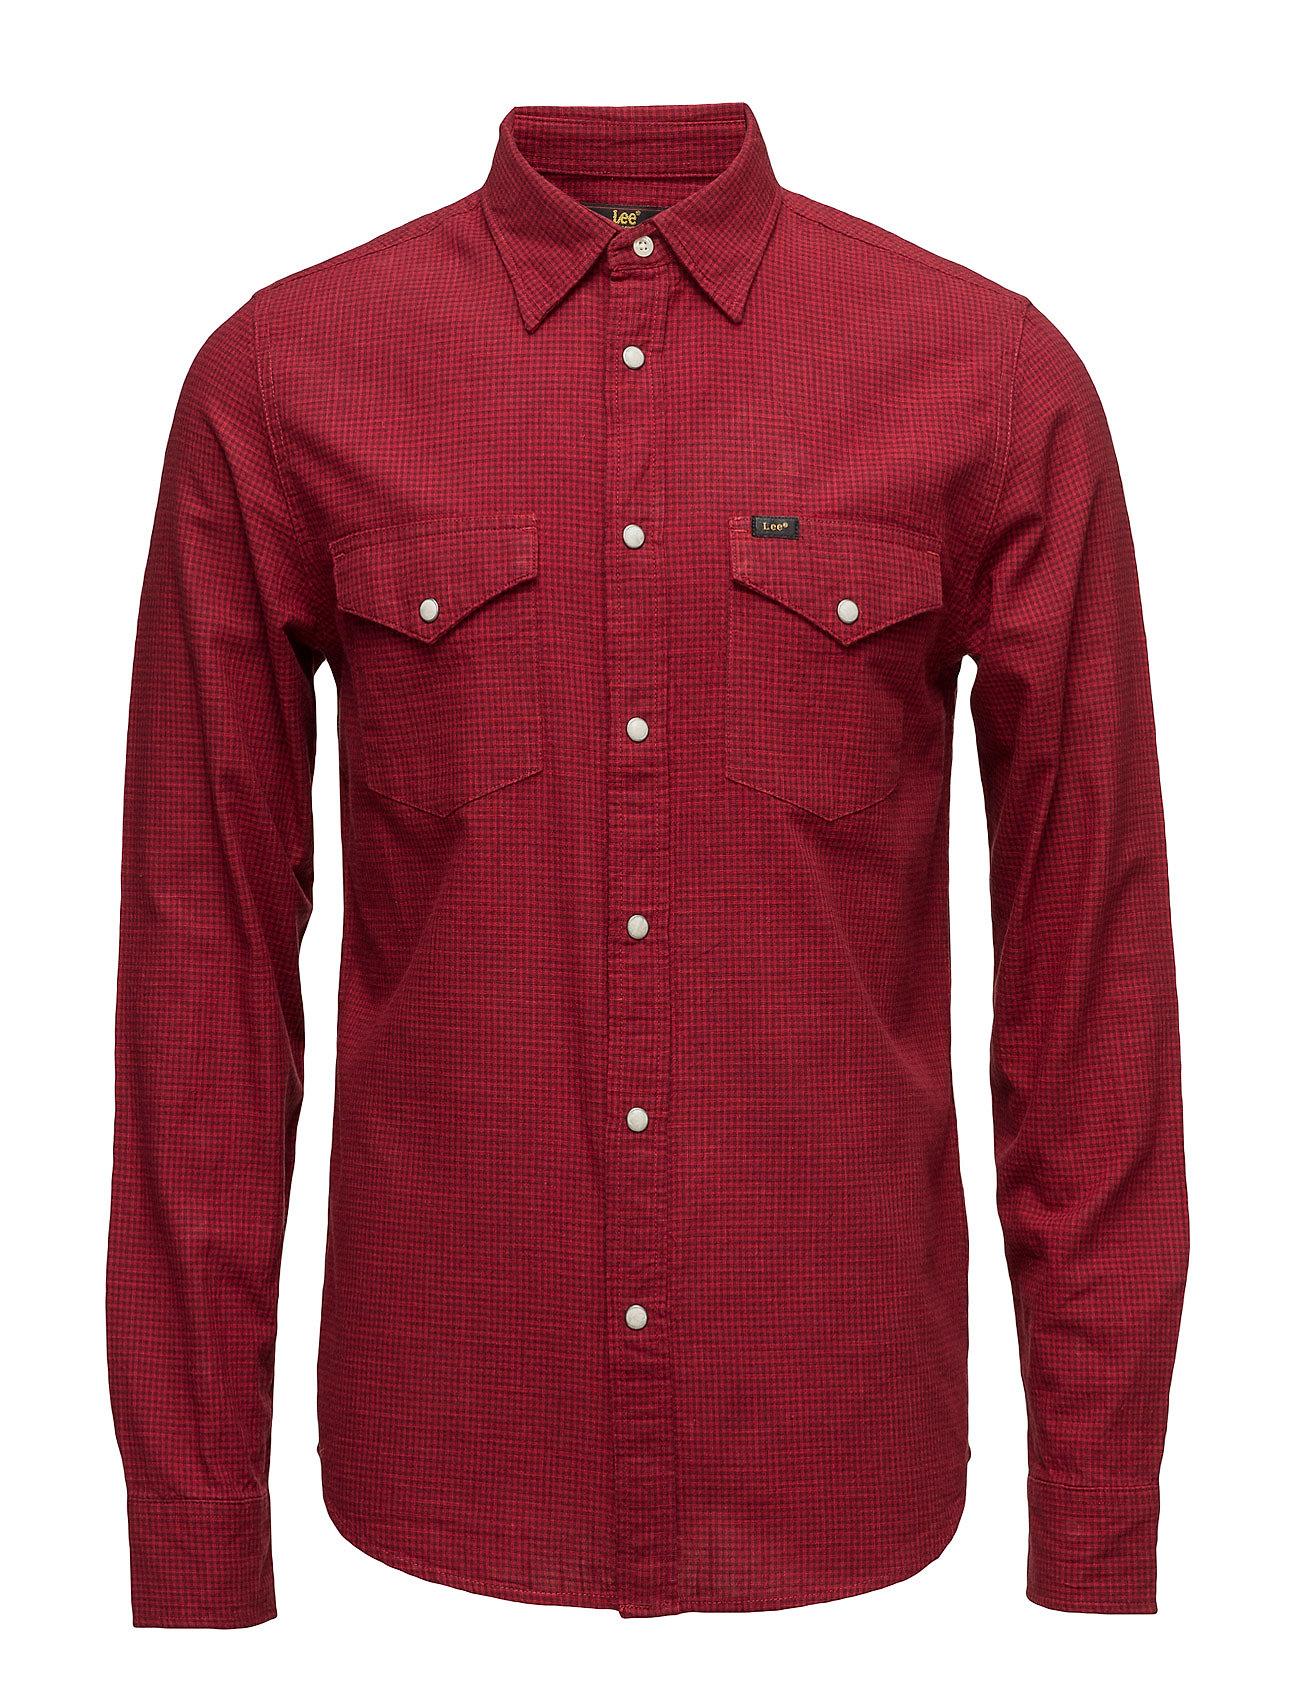 Lee Western Shirt Red Runner Lee Jeans Casual sko til Herrer i